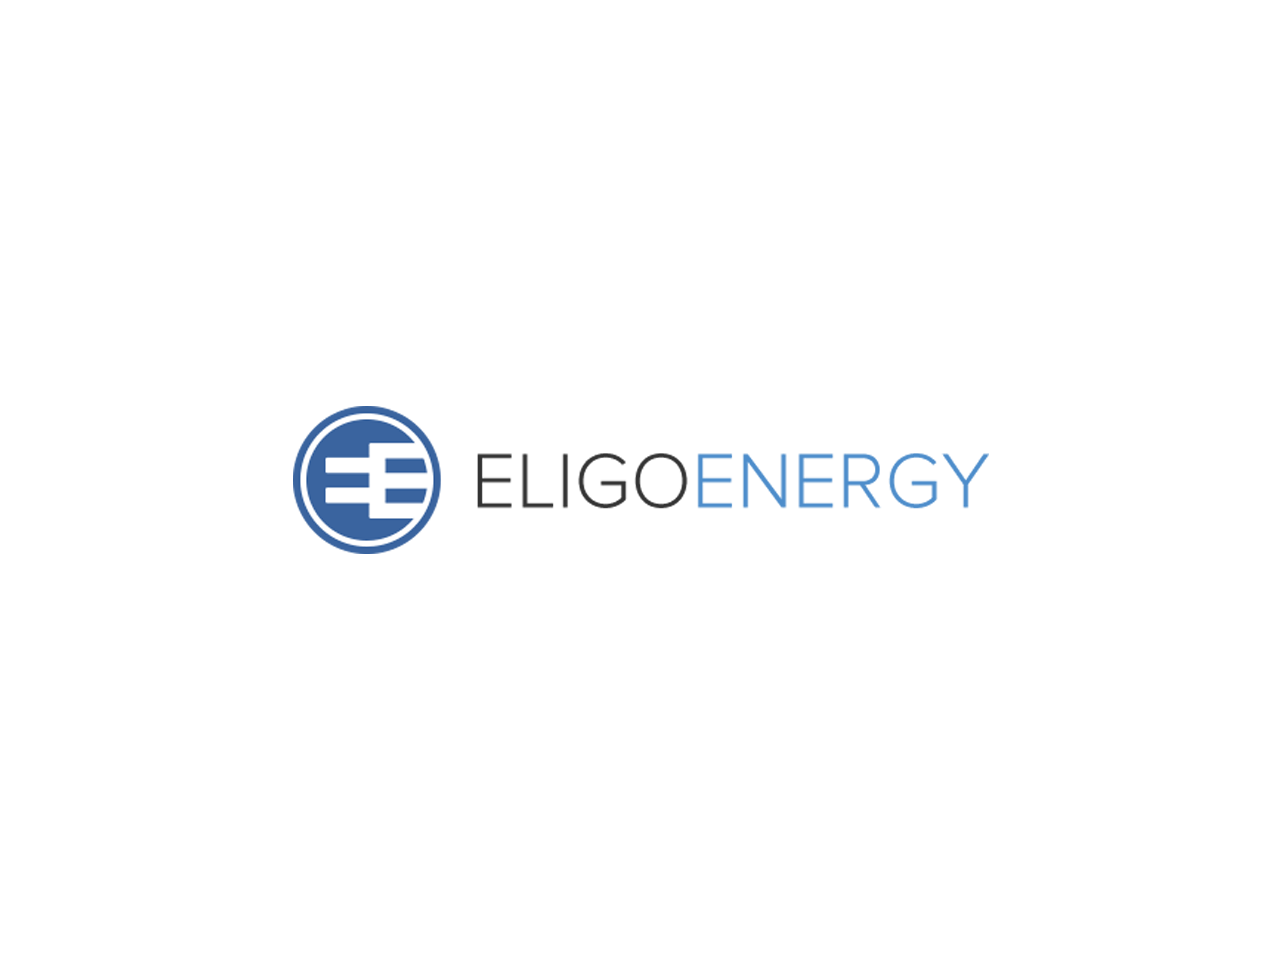 Eligo-Energy